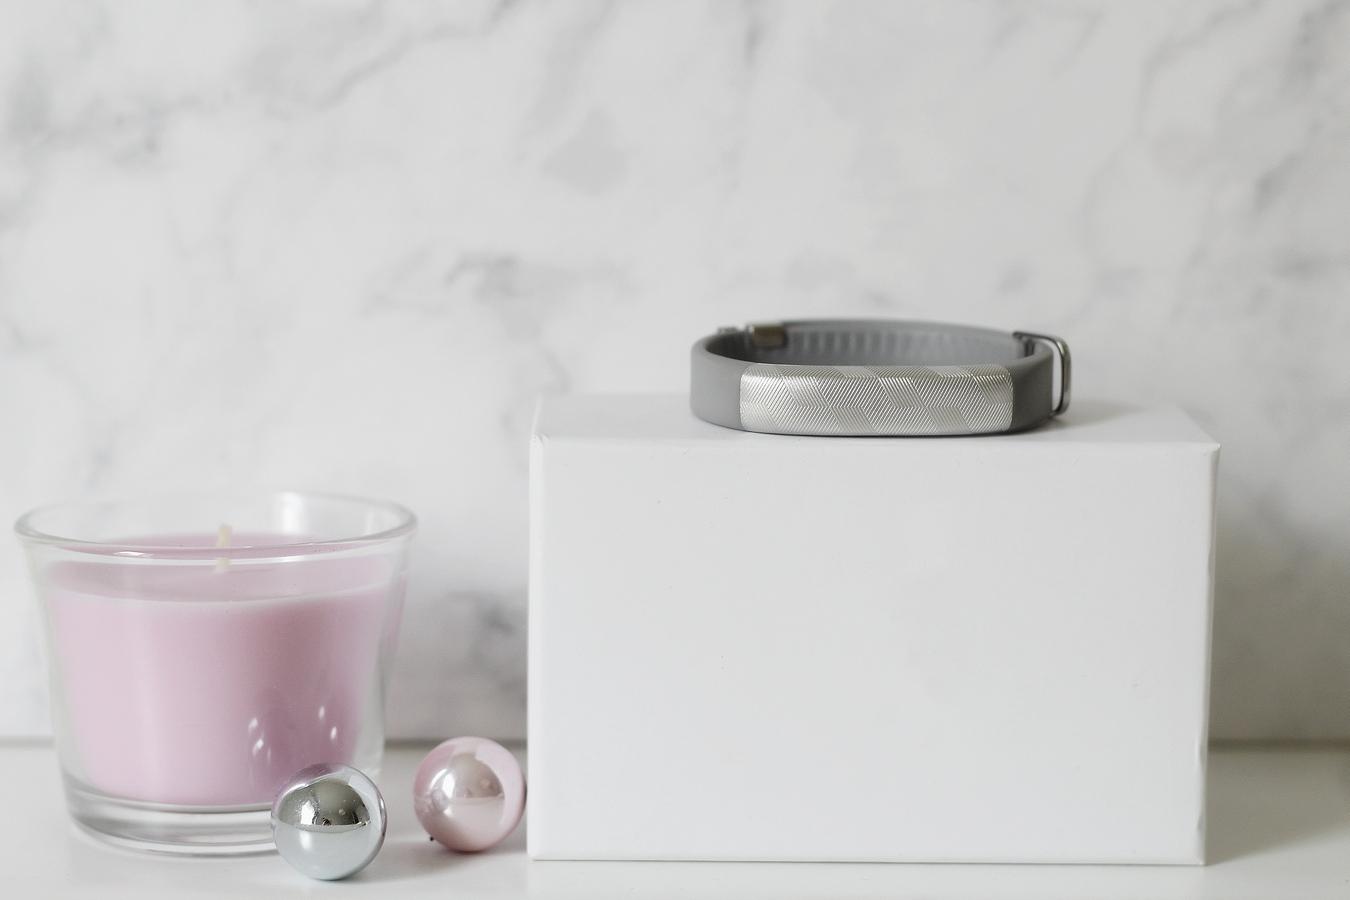 jawbone up - up2 - tracker d'activité - bracelet connecté